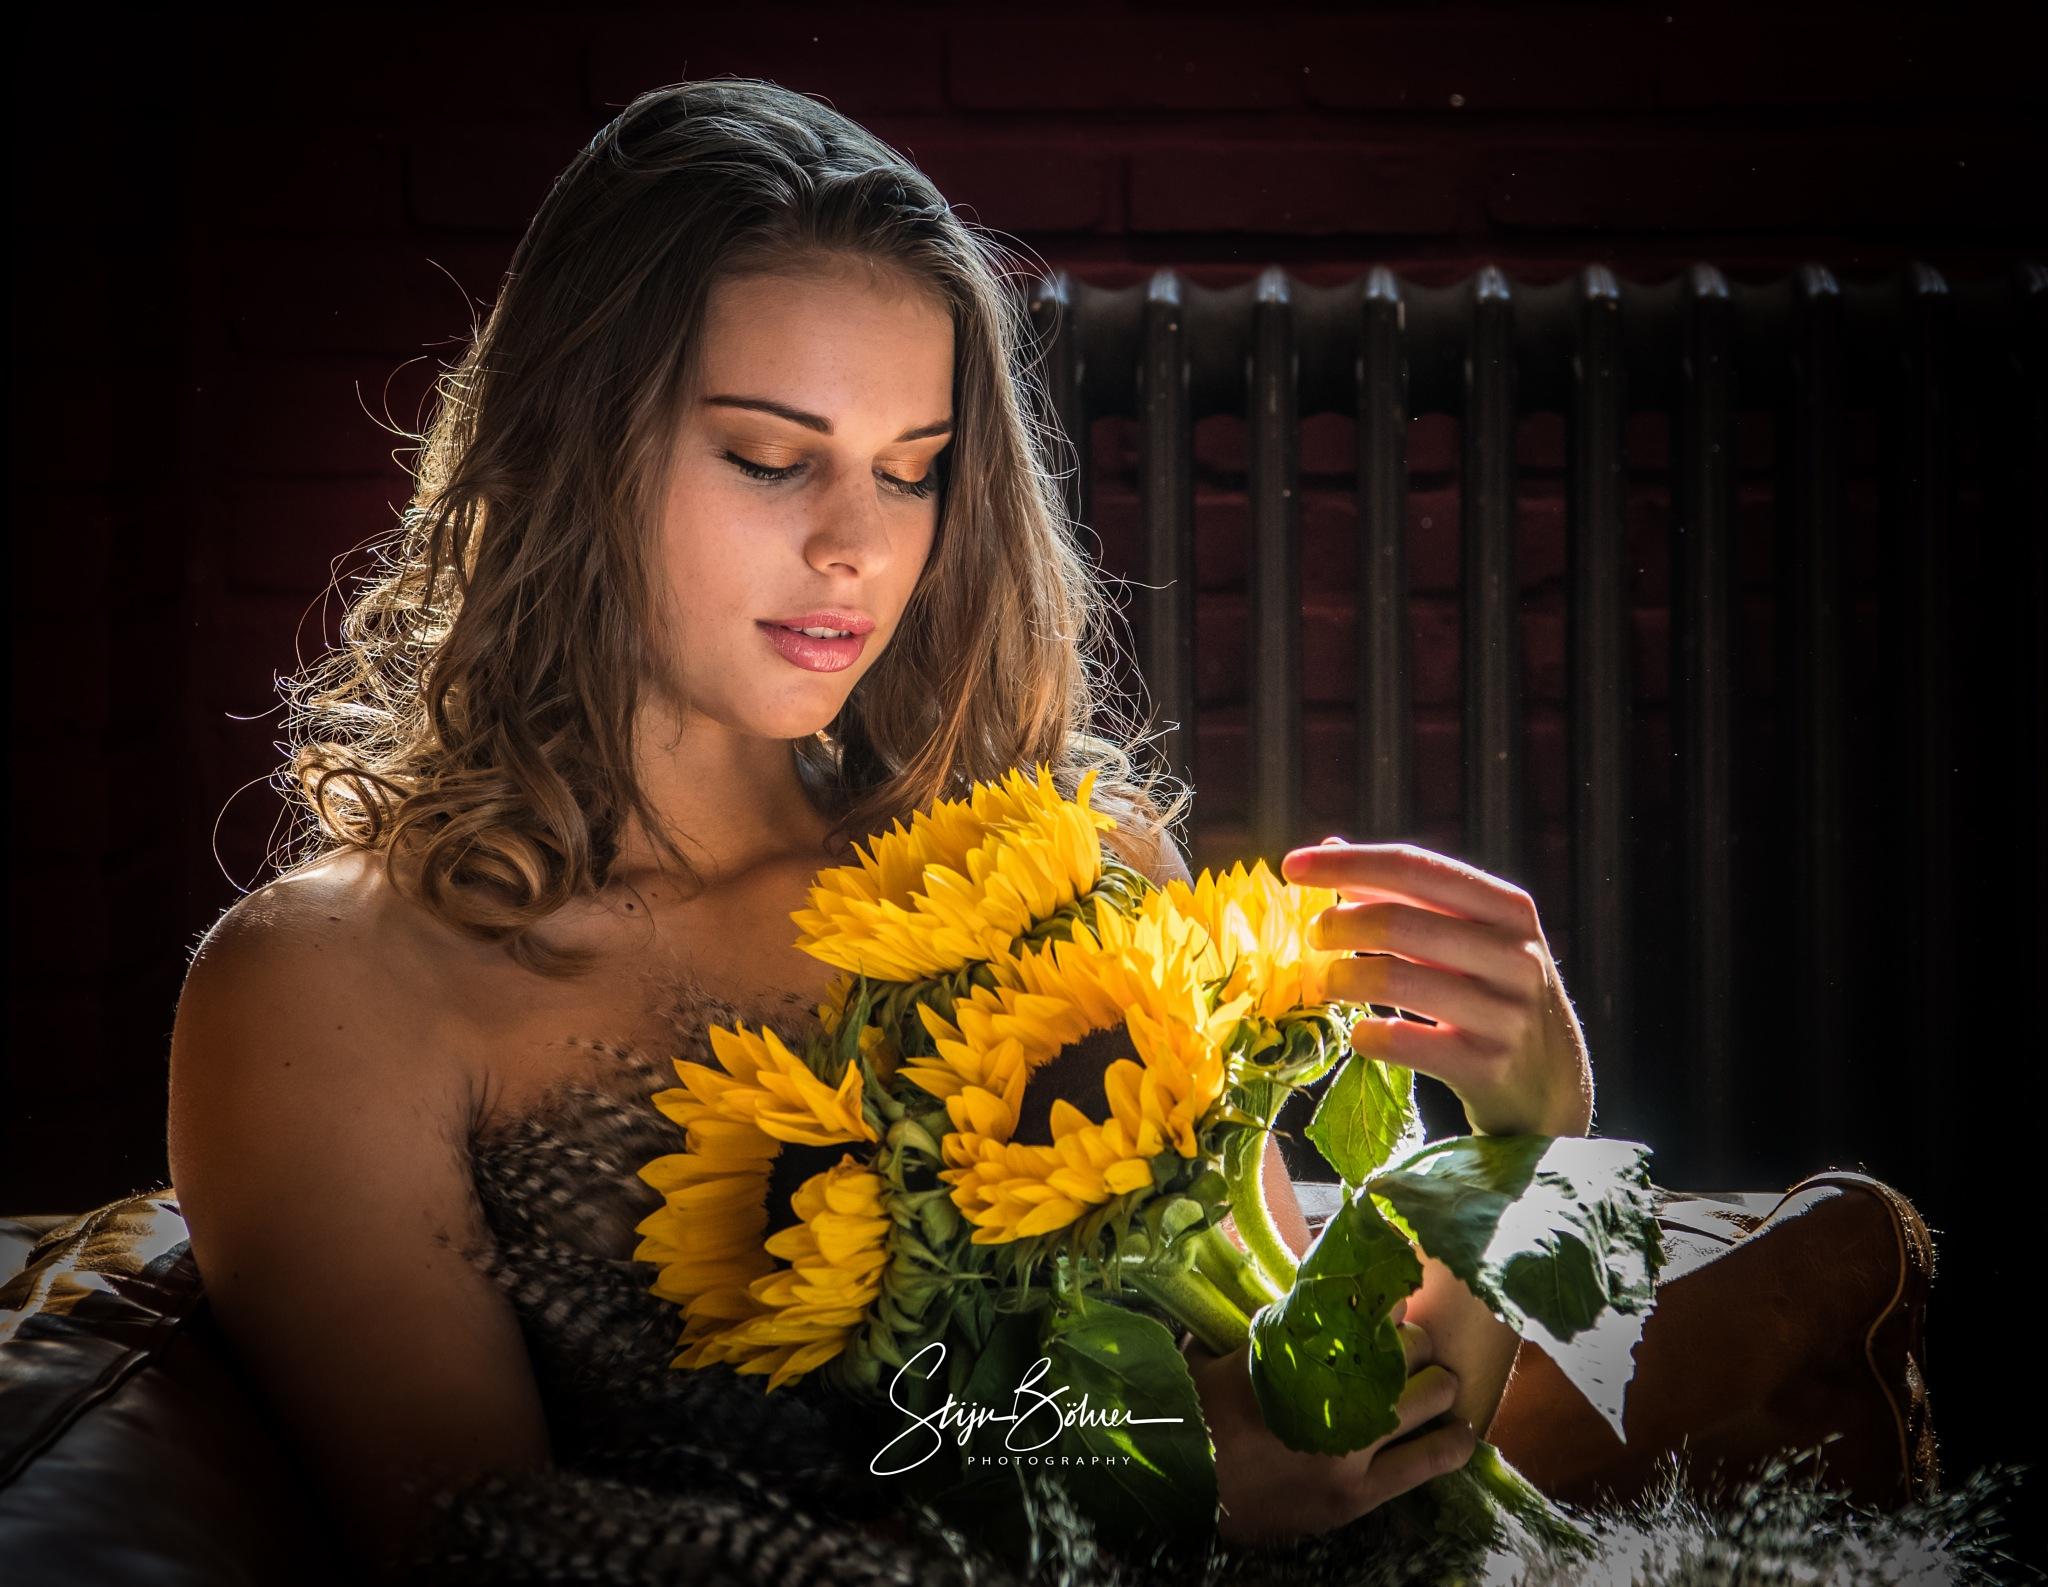 sunflowers by Stijn Böhrer